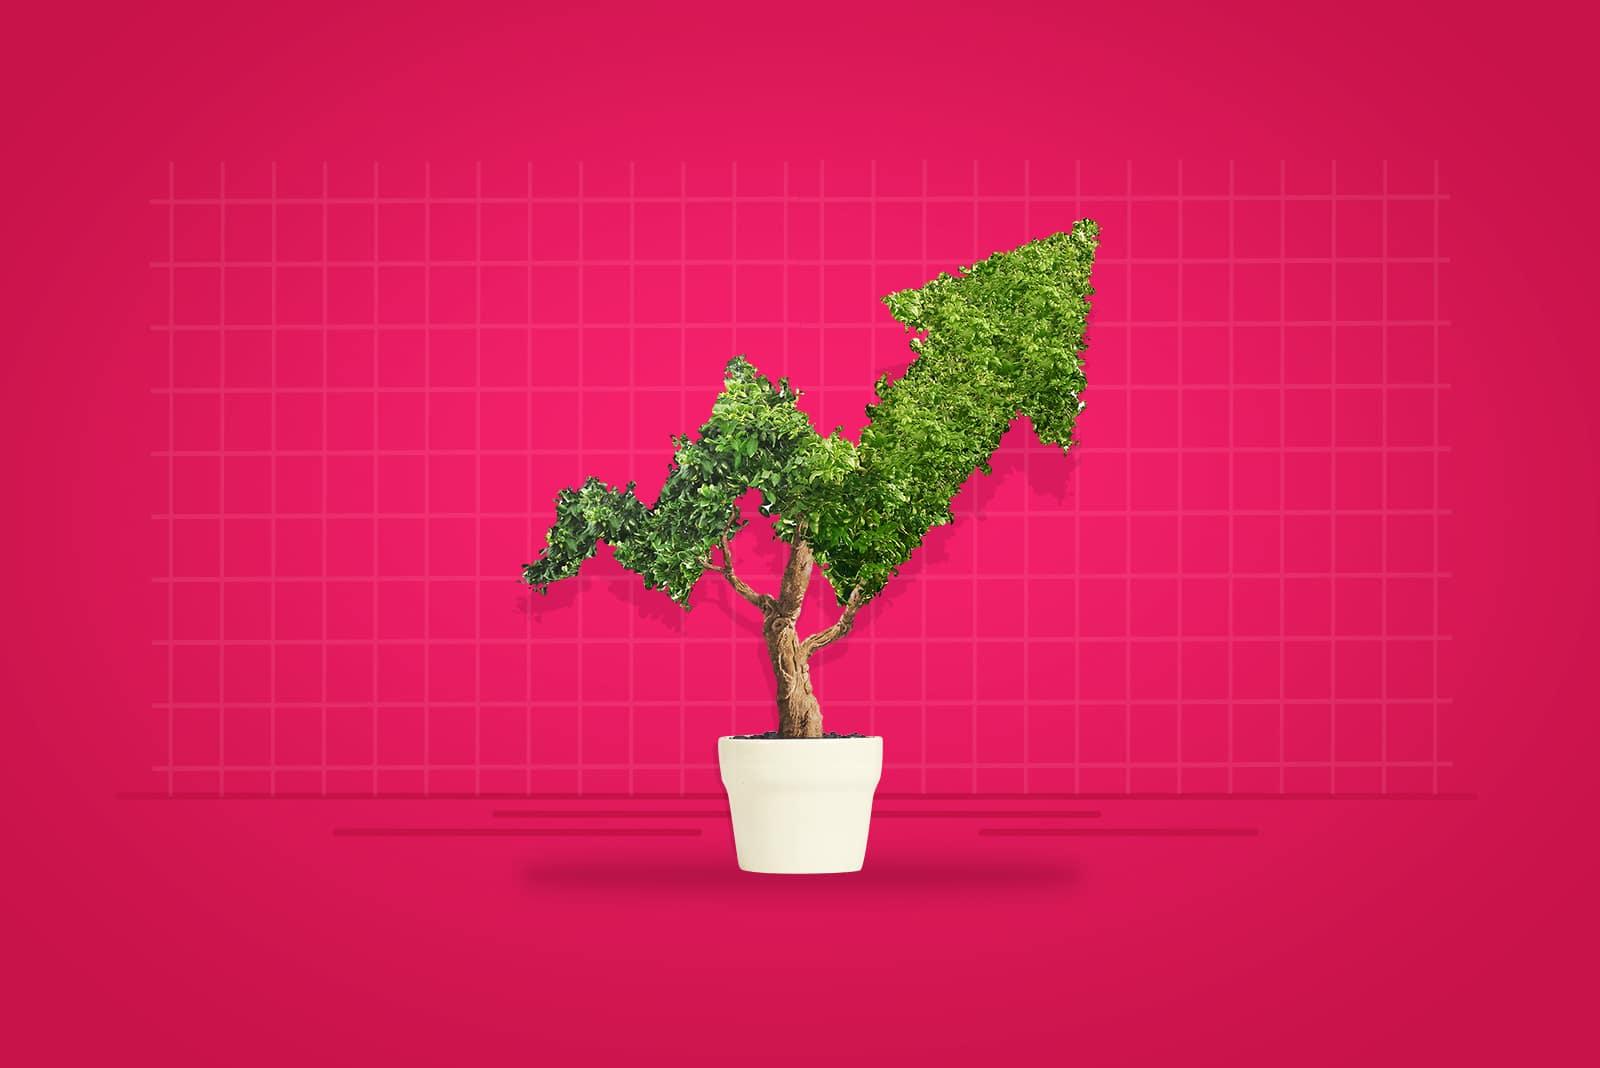 imagem-representando-marketing-verde